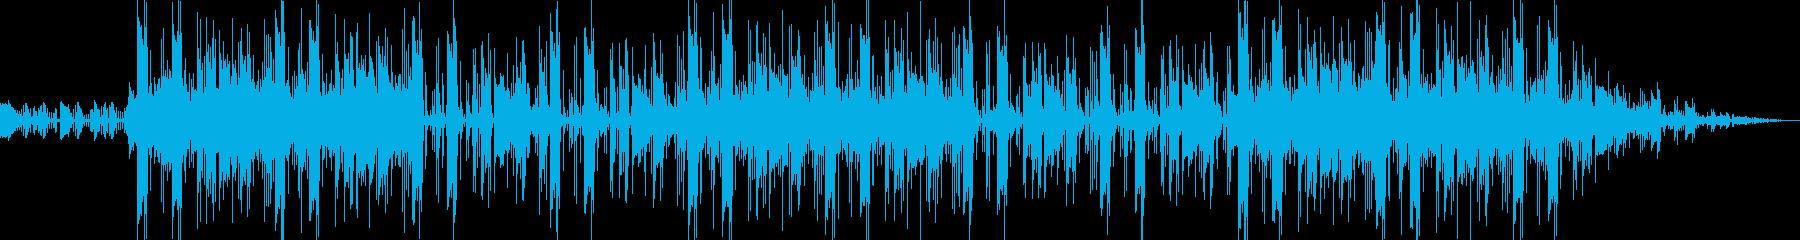 サンバ&デジタルビートのソウルグルーヴの再生済みの波形